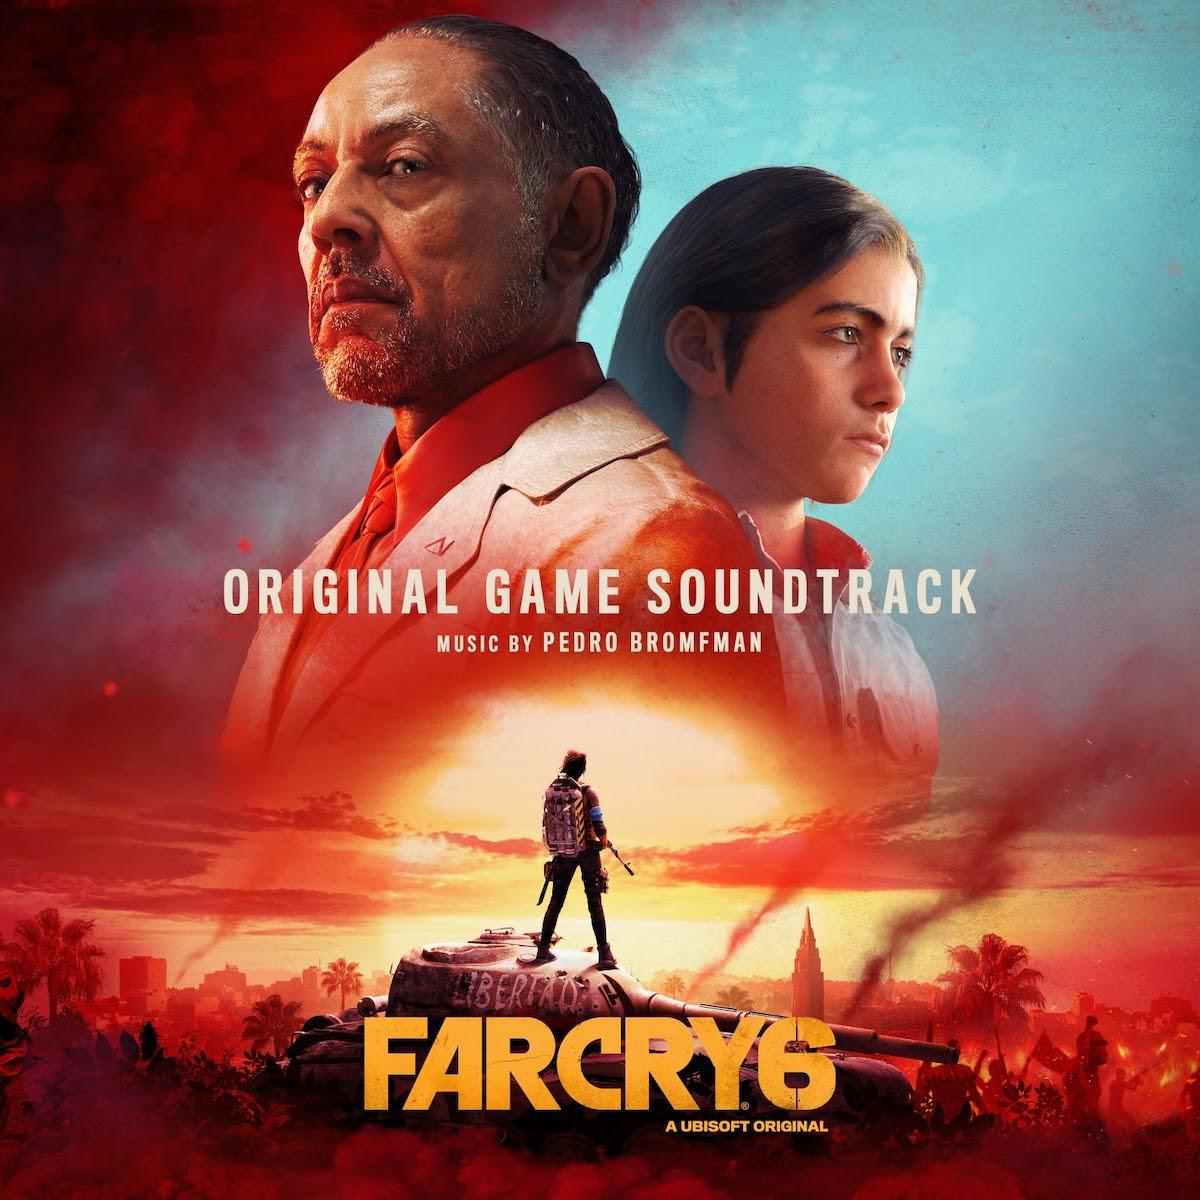 Read more about the article L'éditeur de jeux vidéo de premier plan Ubisoft révèle l'album Far Cry® 6 (Original Game Soundtrack) composé par Pedro Bromfman via Ubisoft Music